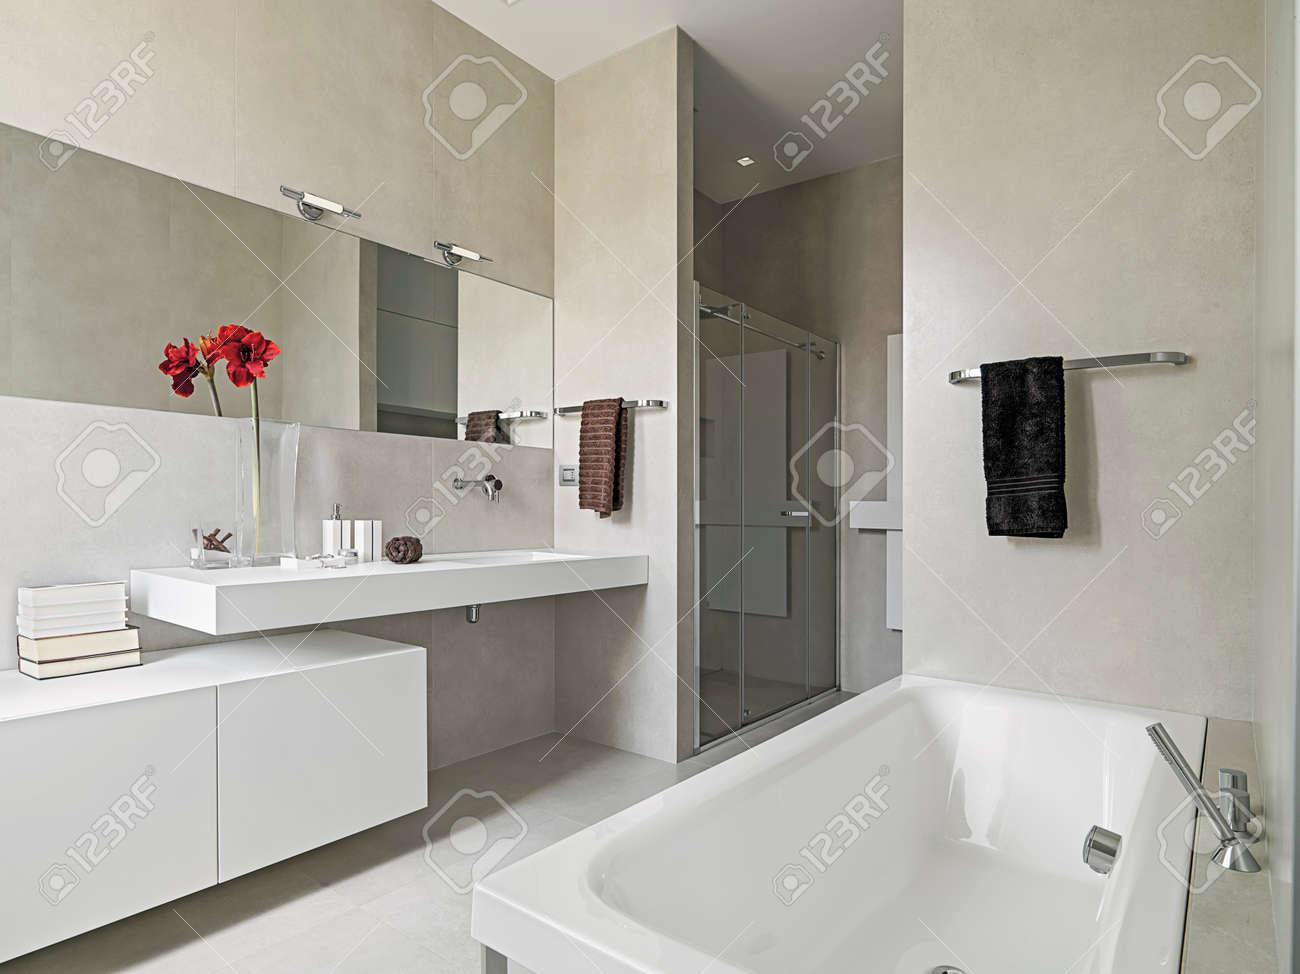 Vasca da bagno angolo prezzi : vasche da bagno angolari 120x120 ...